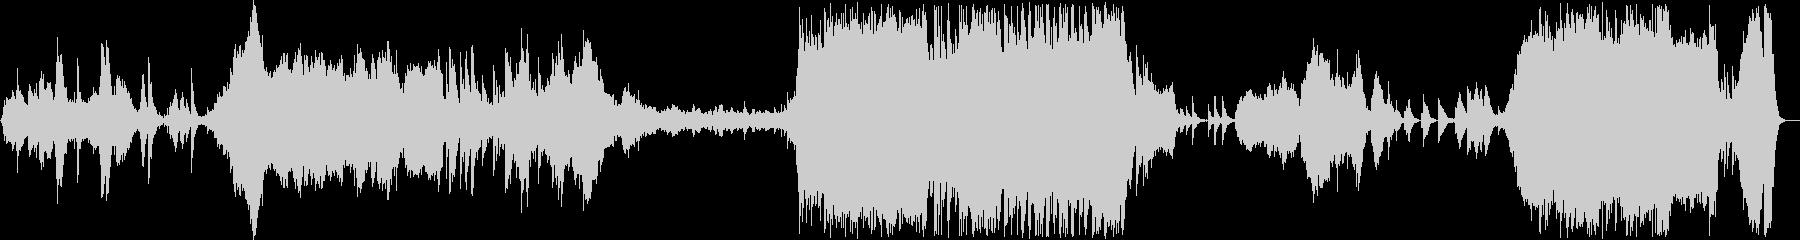 和琴が主役の和風インストオケの未再生の波形